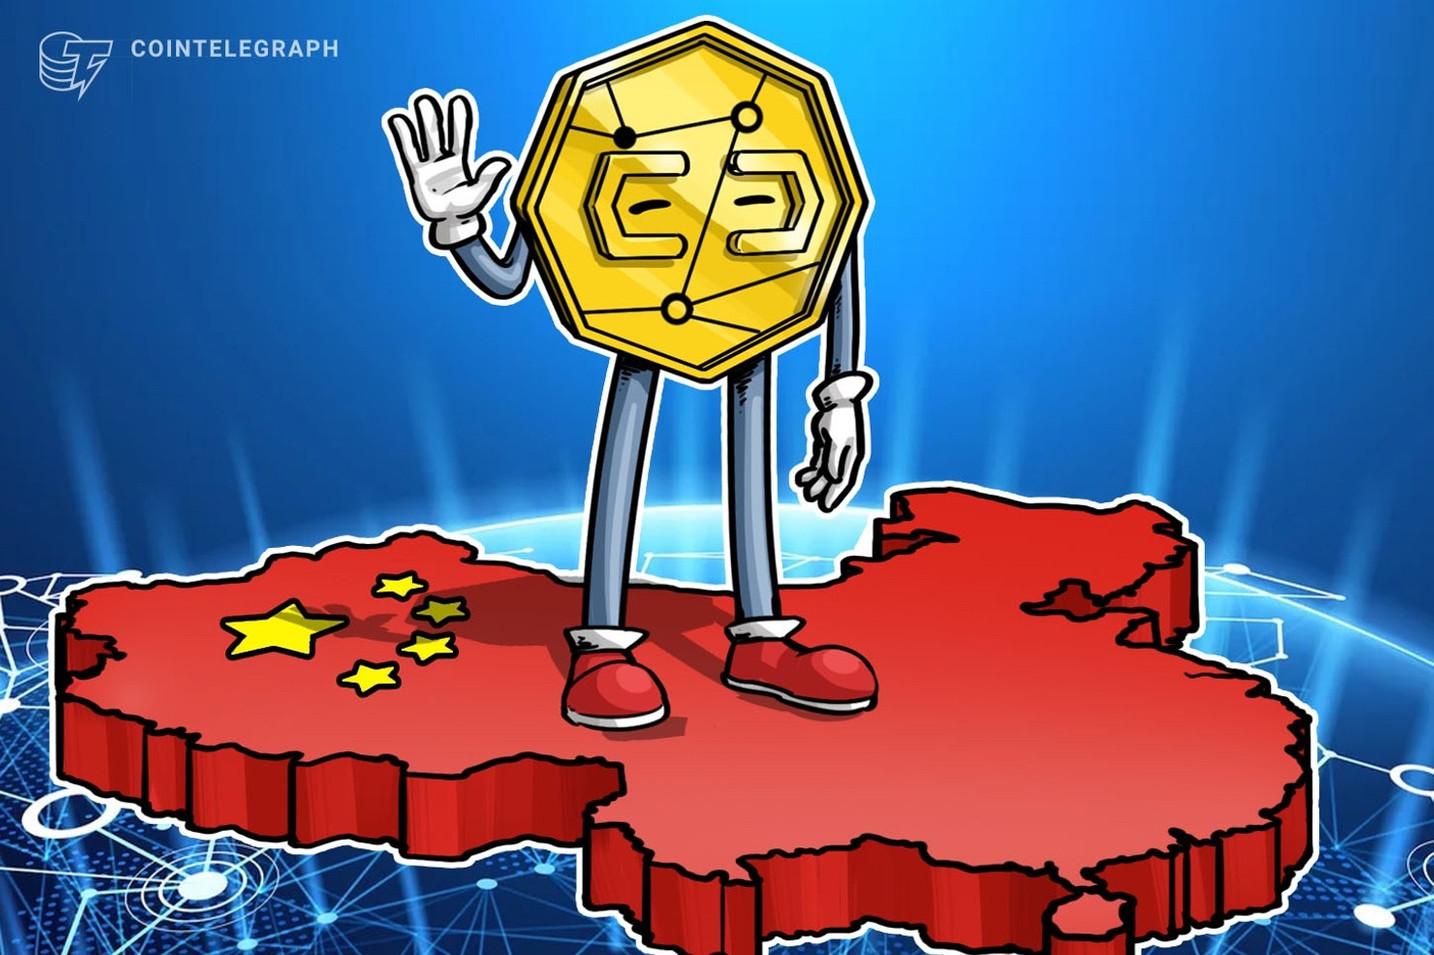 中国検索最大手のバイドゥがブロックチェーンのベータ版を公開|3月まで1元で利用可能に【ニュース】